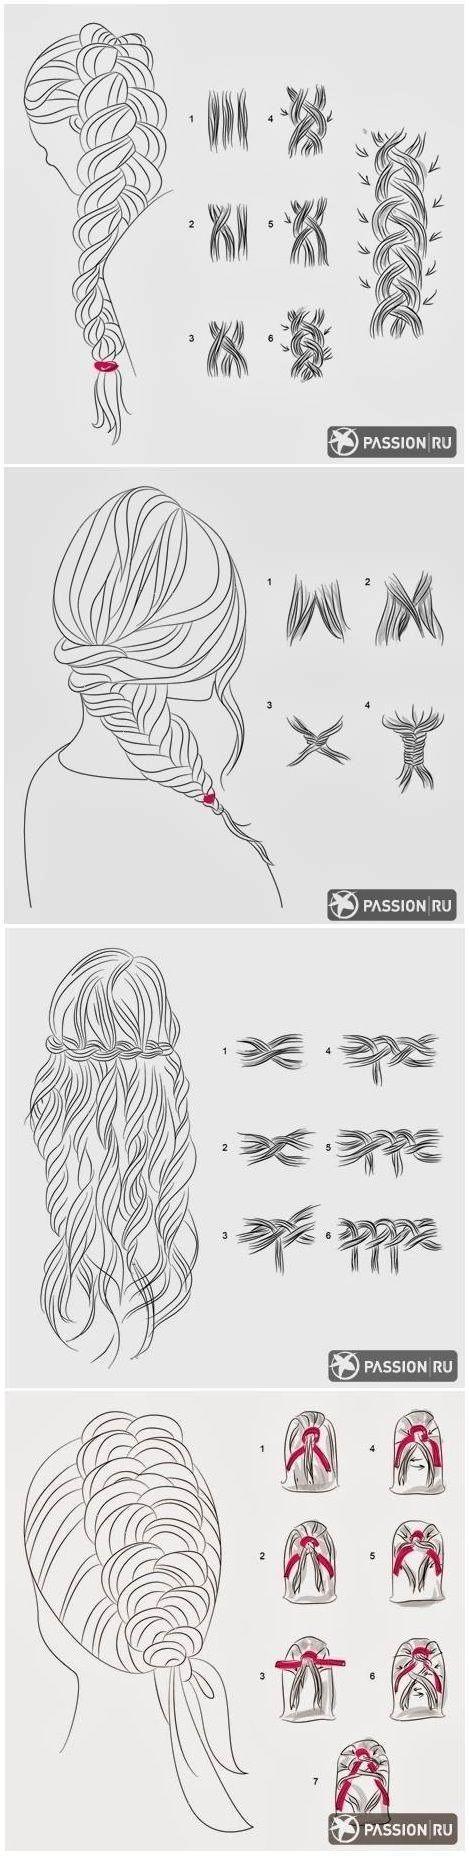 La tresse est une coiffure classique et classe : C'est la coiffure la plus anciennes ,les tendances